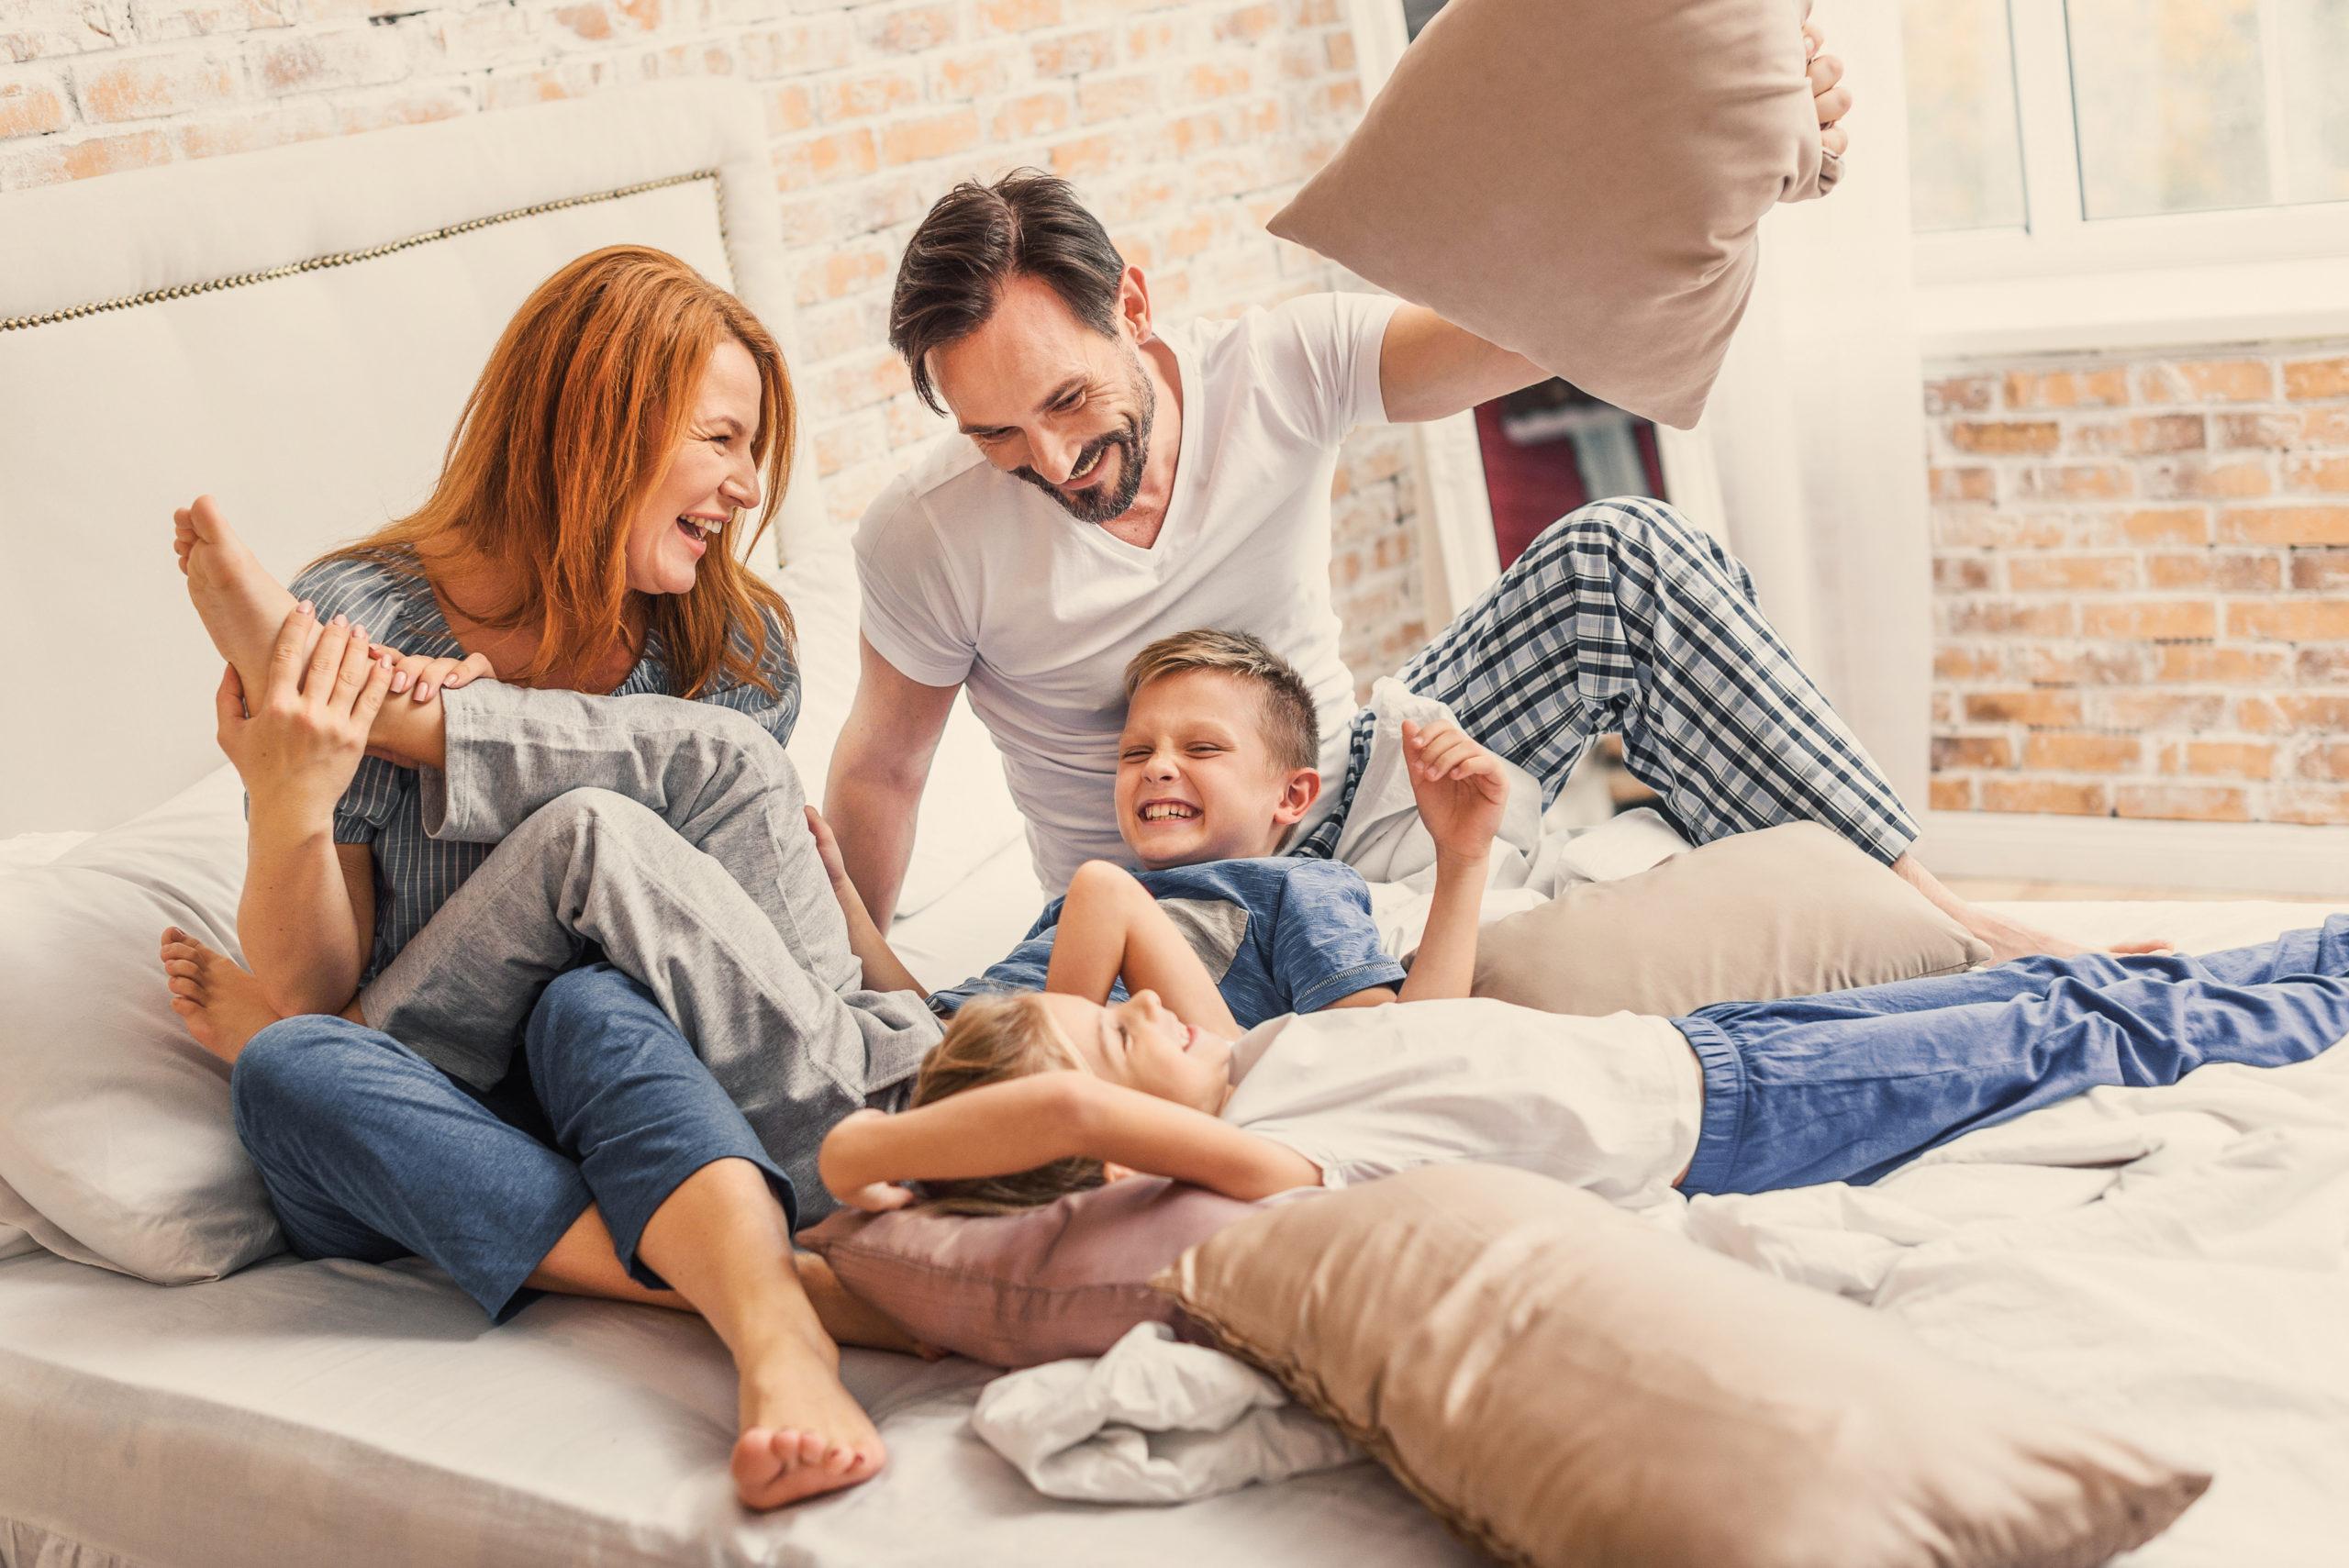 Ancak aynı evde yaşayıp da konuşmayan, muhabbet etmeyen o kadar çok aile var ki!